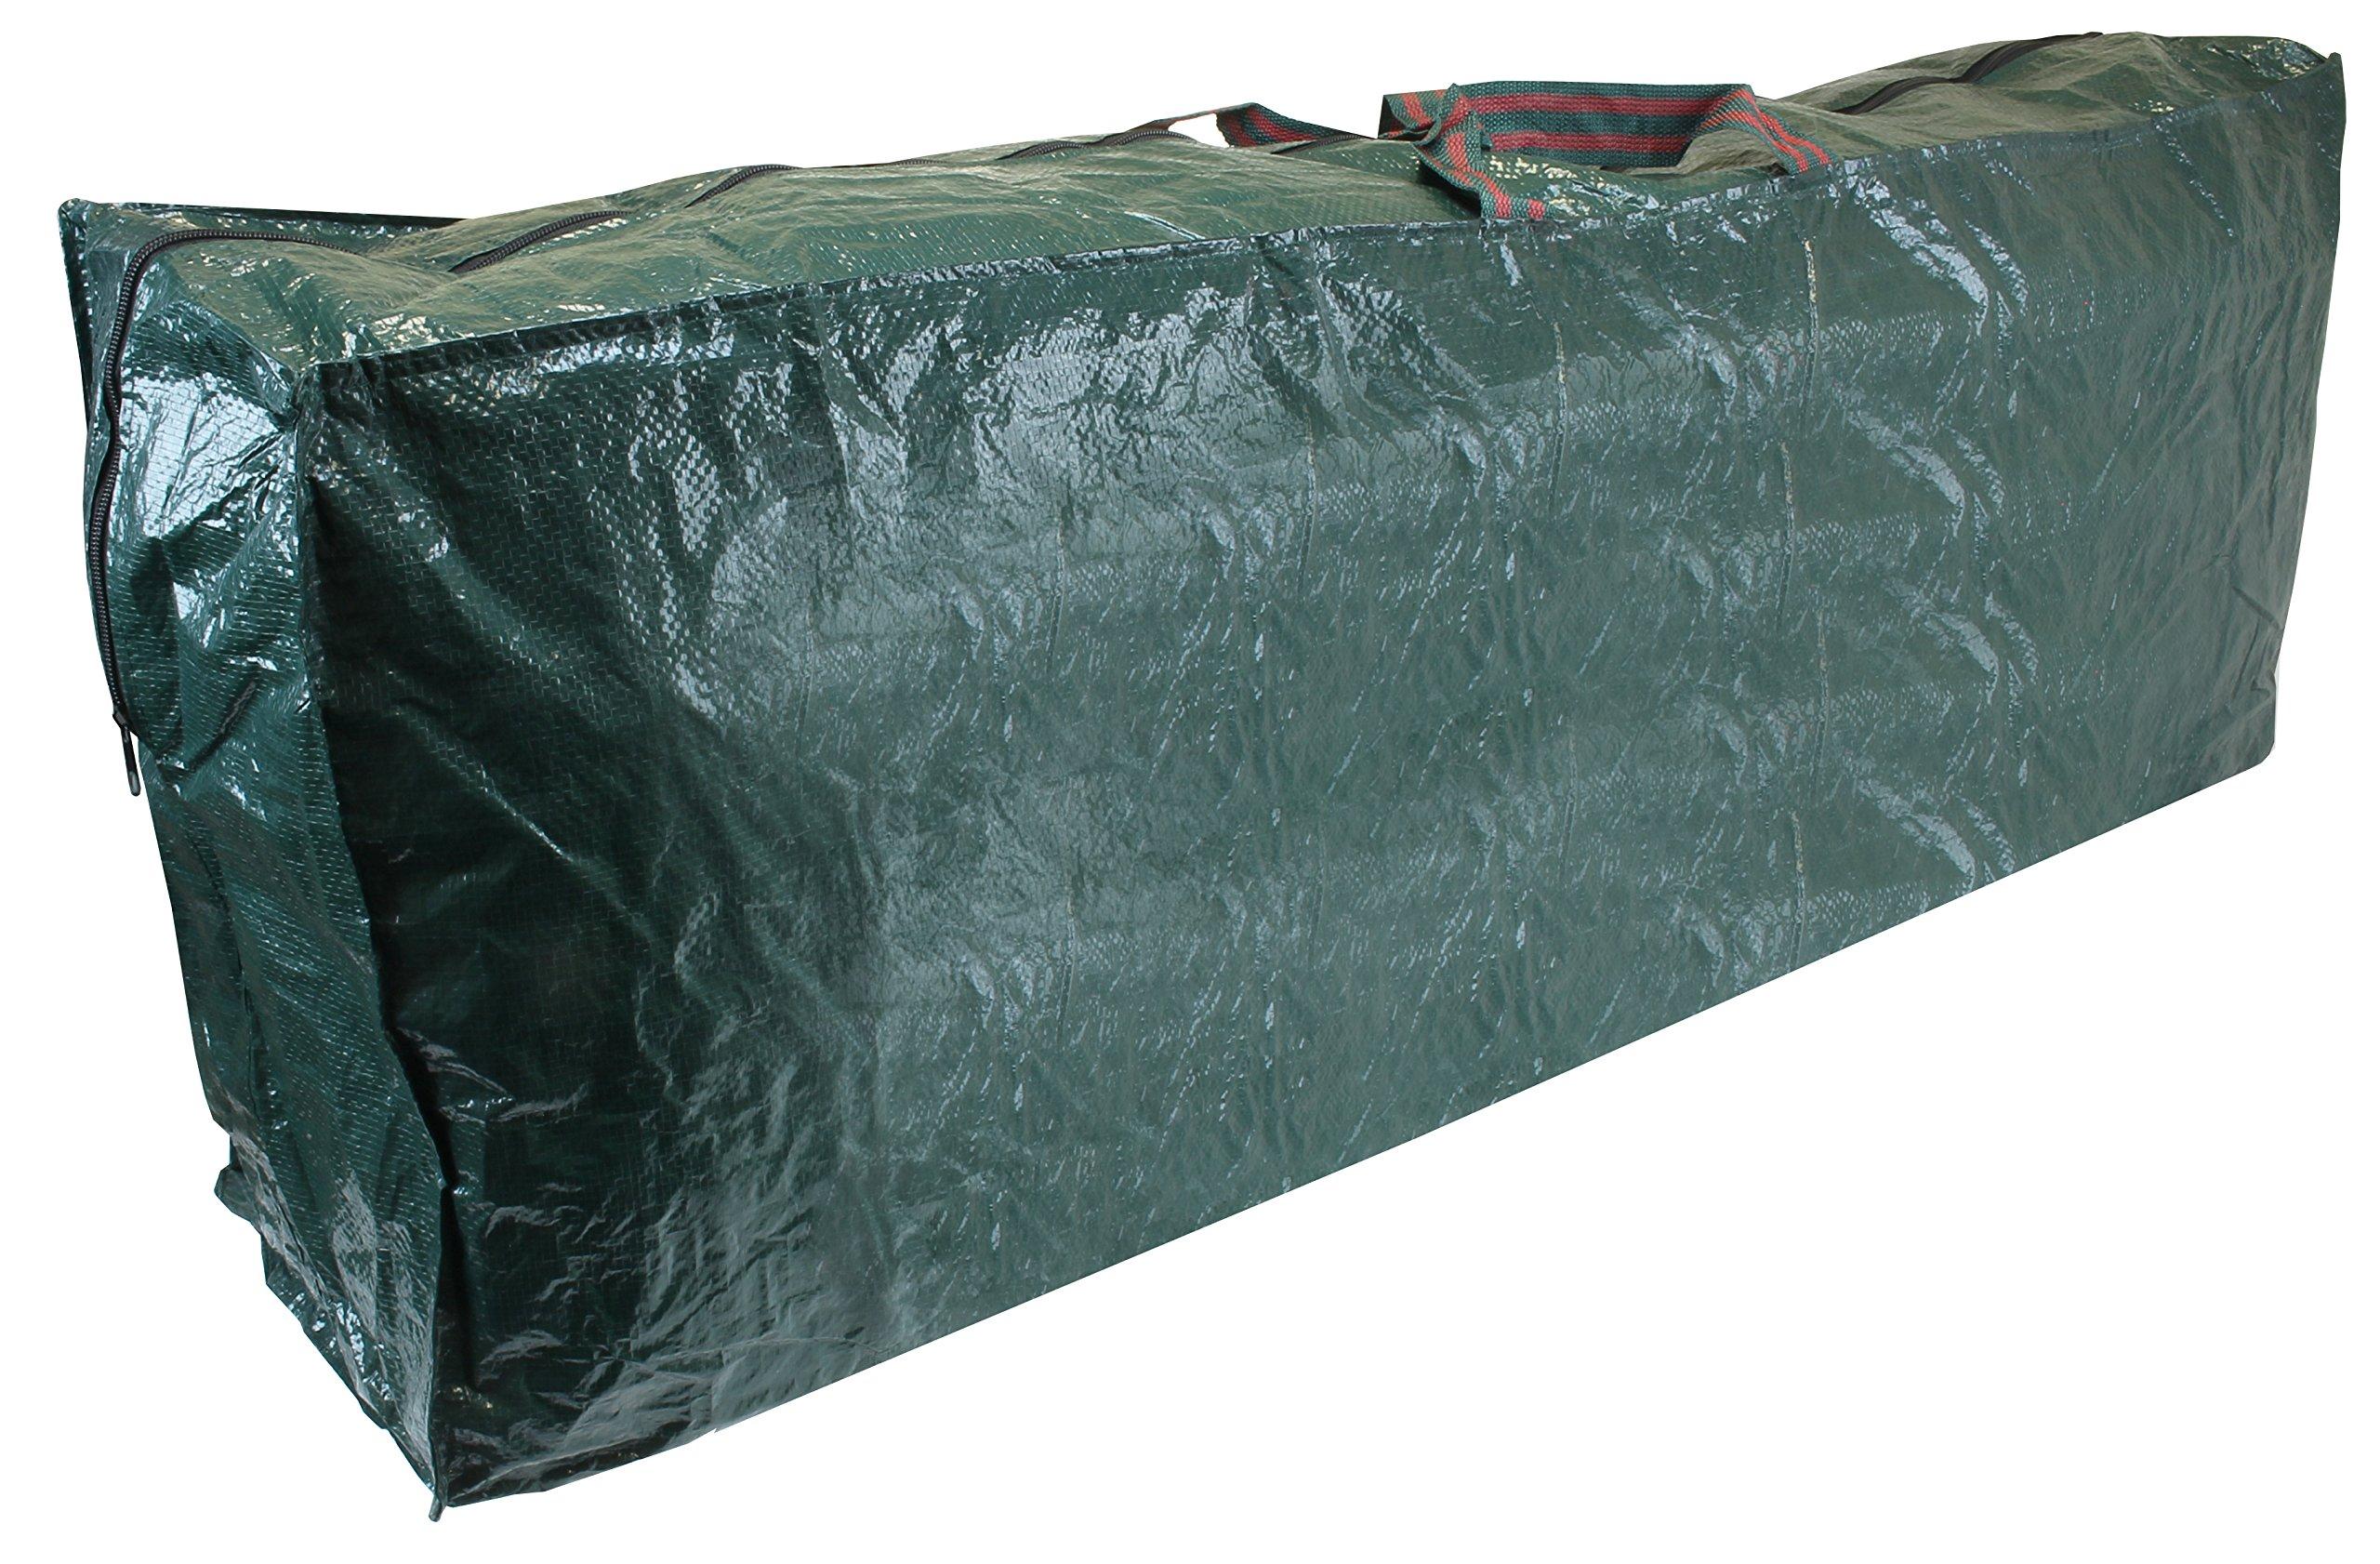 CKB-Ltd-Christmas-WEIHNACHTSBAUM-Aufbew-Transporttasche-Aufbewahrungstasche-Inhaber-Hlt-Stores-dank-knstlicher-Tannebaum-Aufbewahrung-Christbaum-Weihnachtsbaum-Schutzhlle-Hlle-fr-Bume-bis-zu-9-Fu-hoch